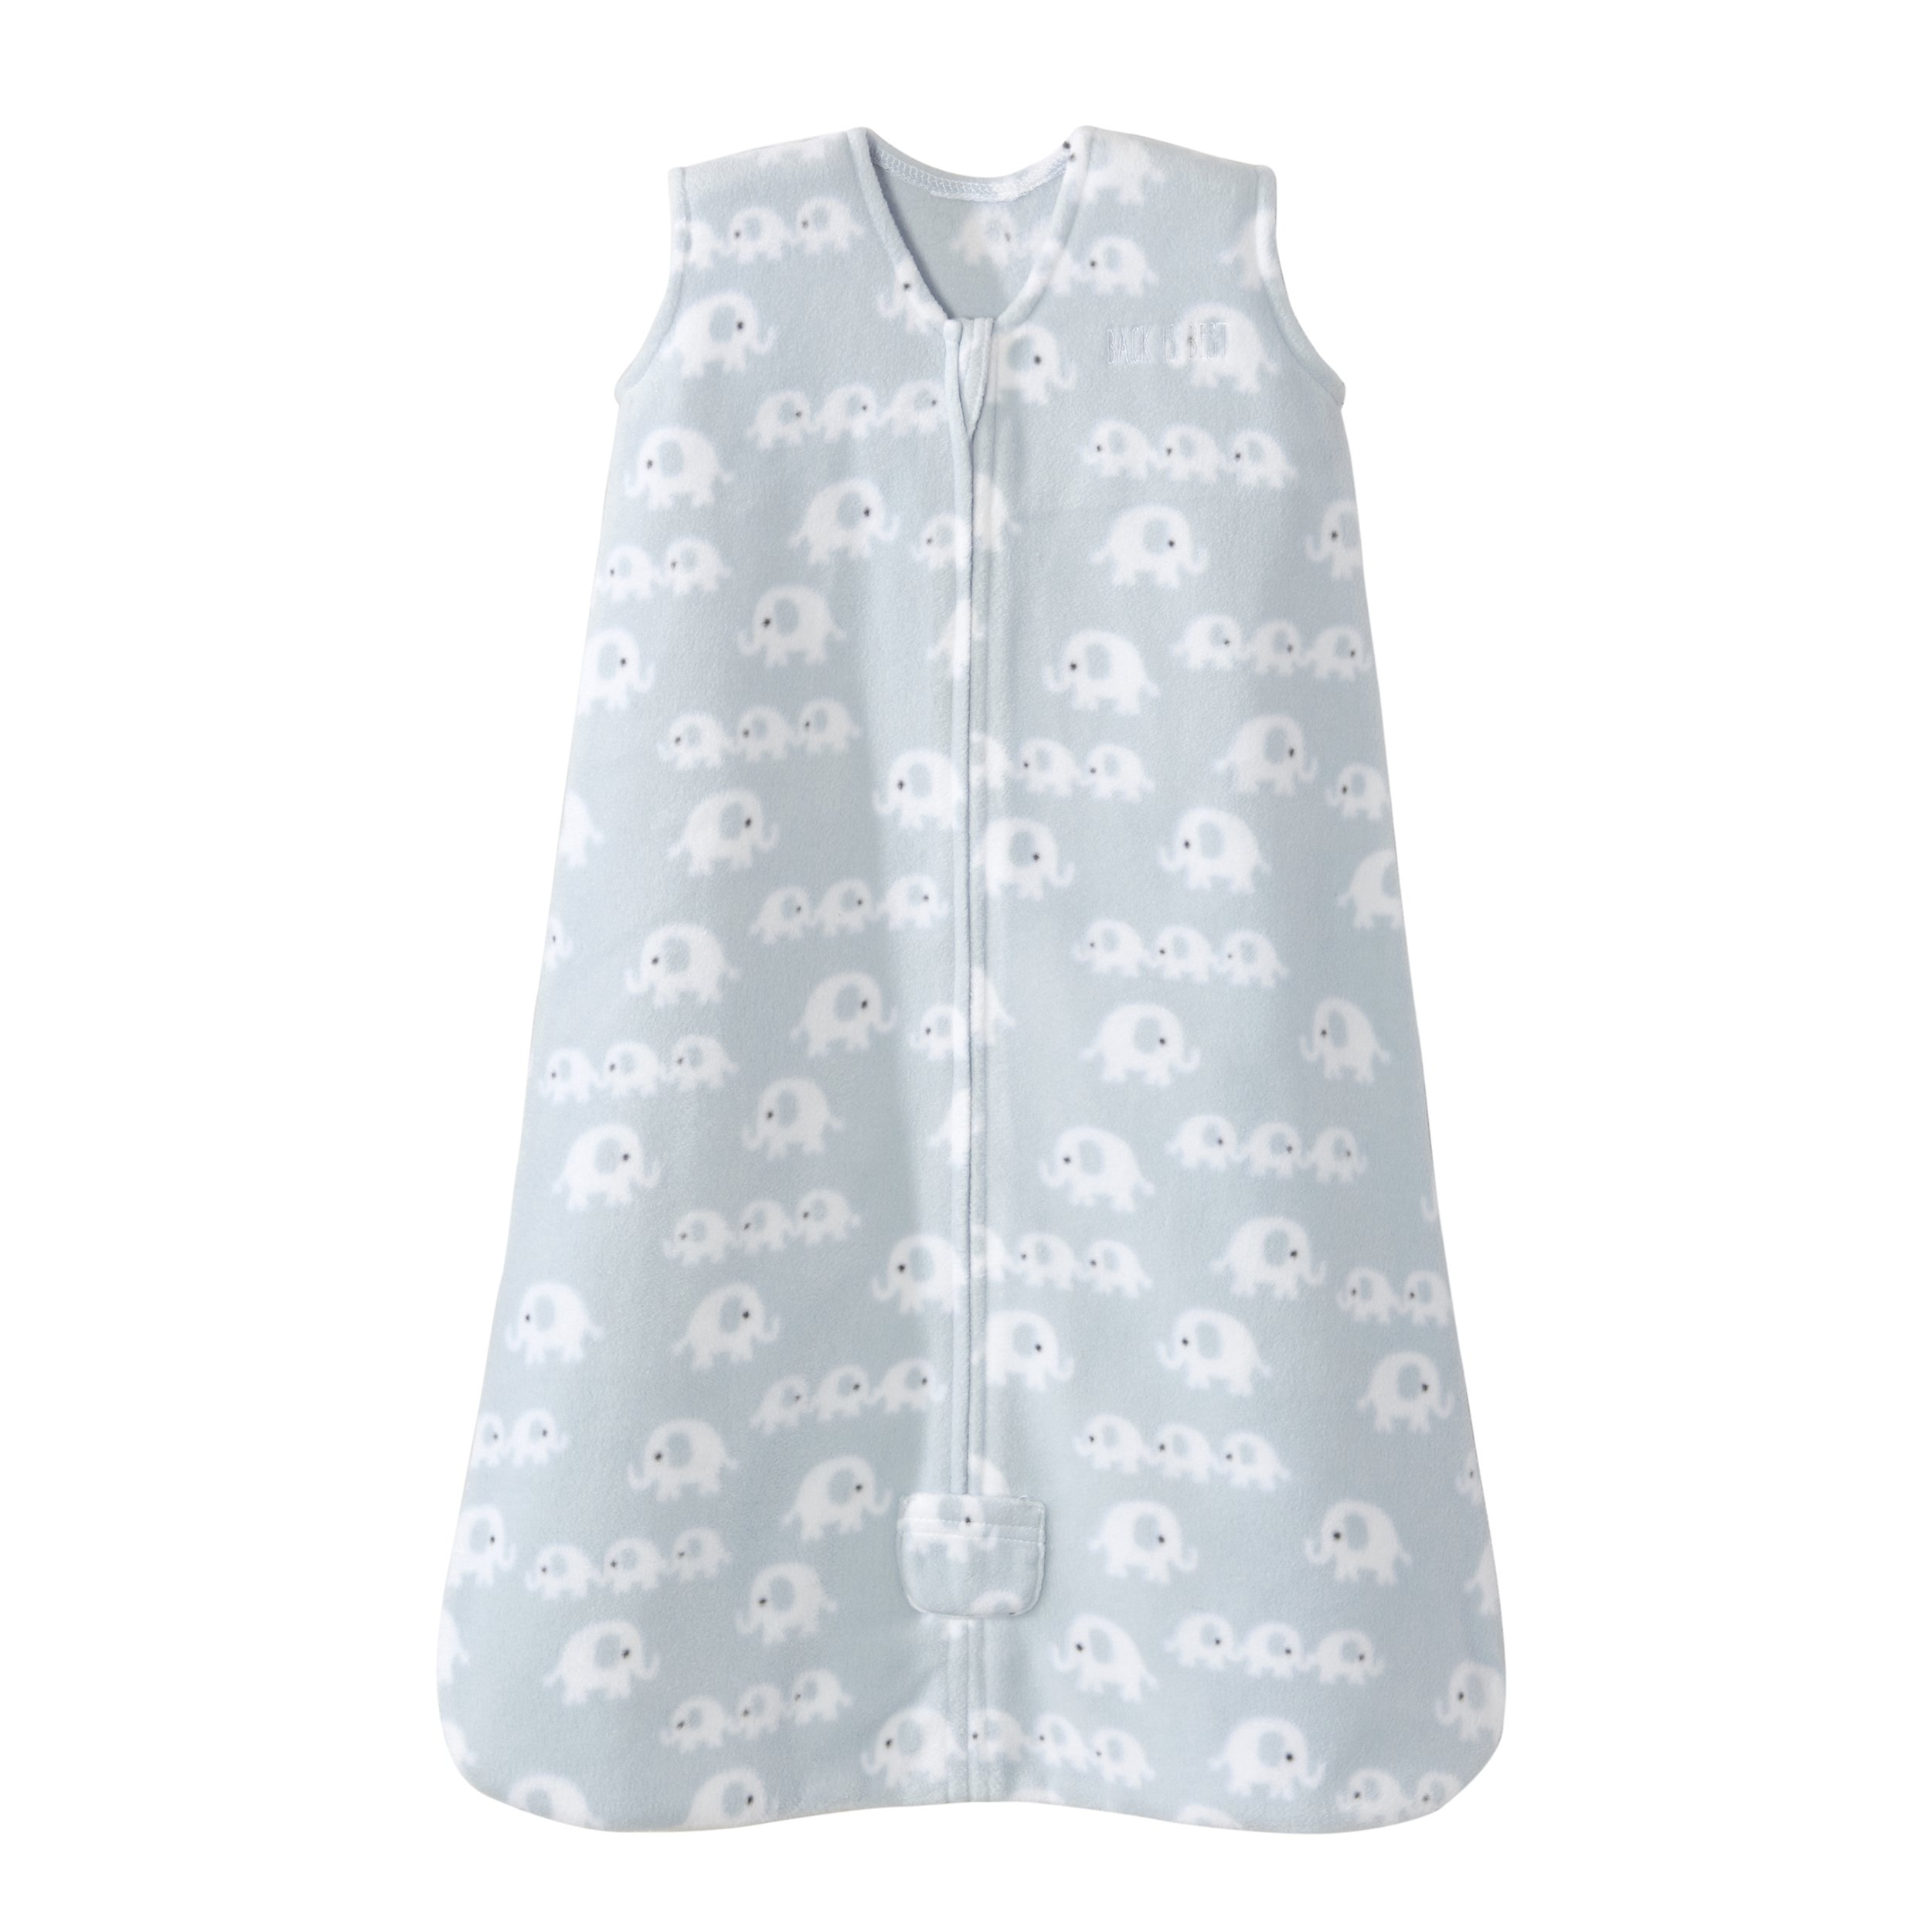 HALO Sleepsack Wearable Blanket Micro Fleece - 3 Elephants Blue, Size XLarge